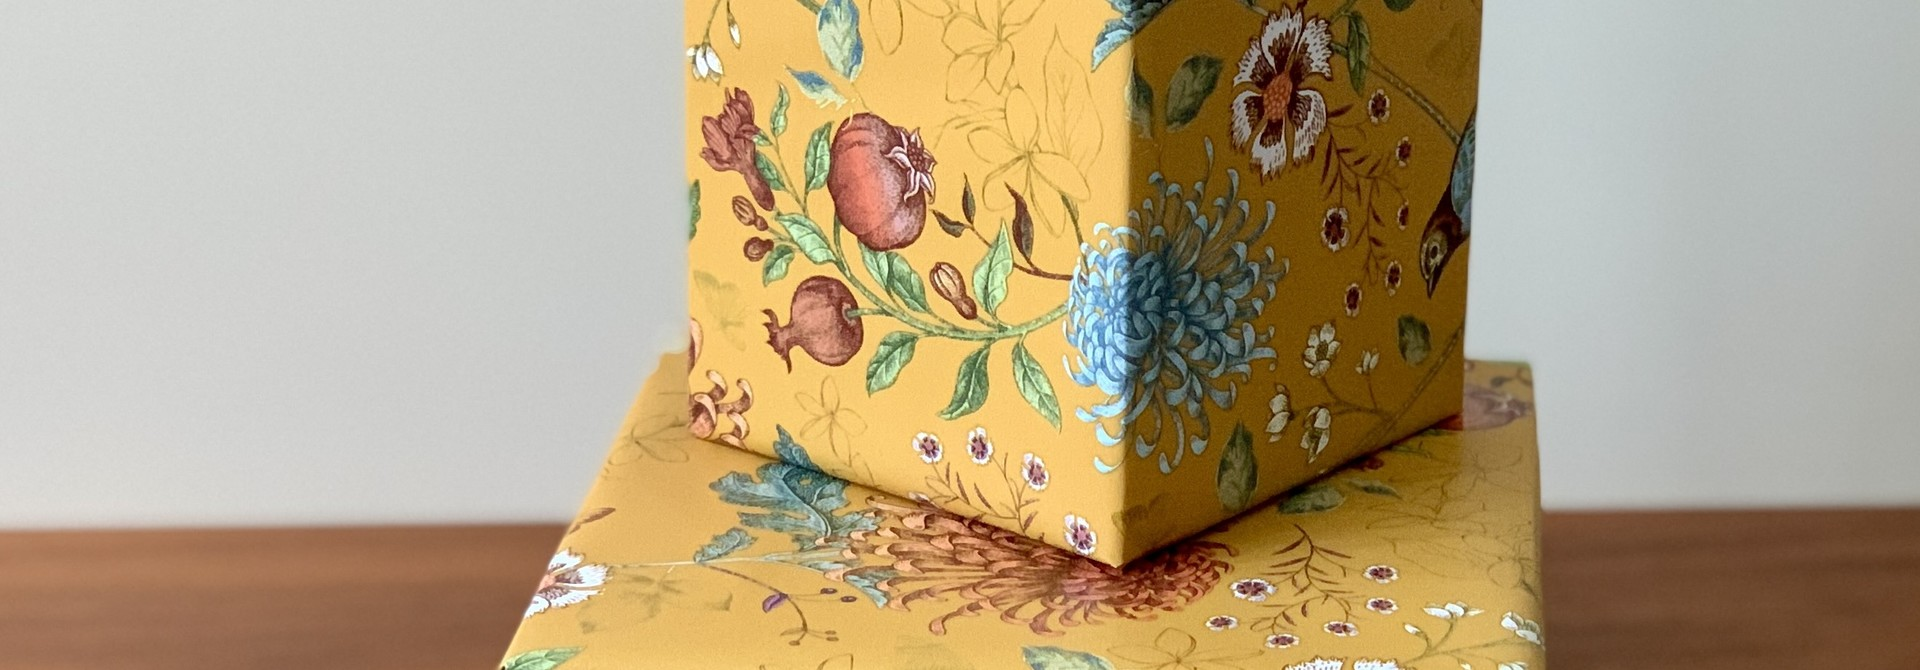 Cadeau verpakking met persoonlijke boodschap